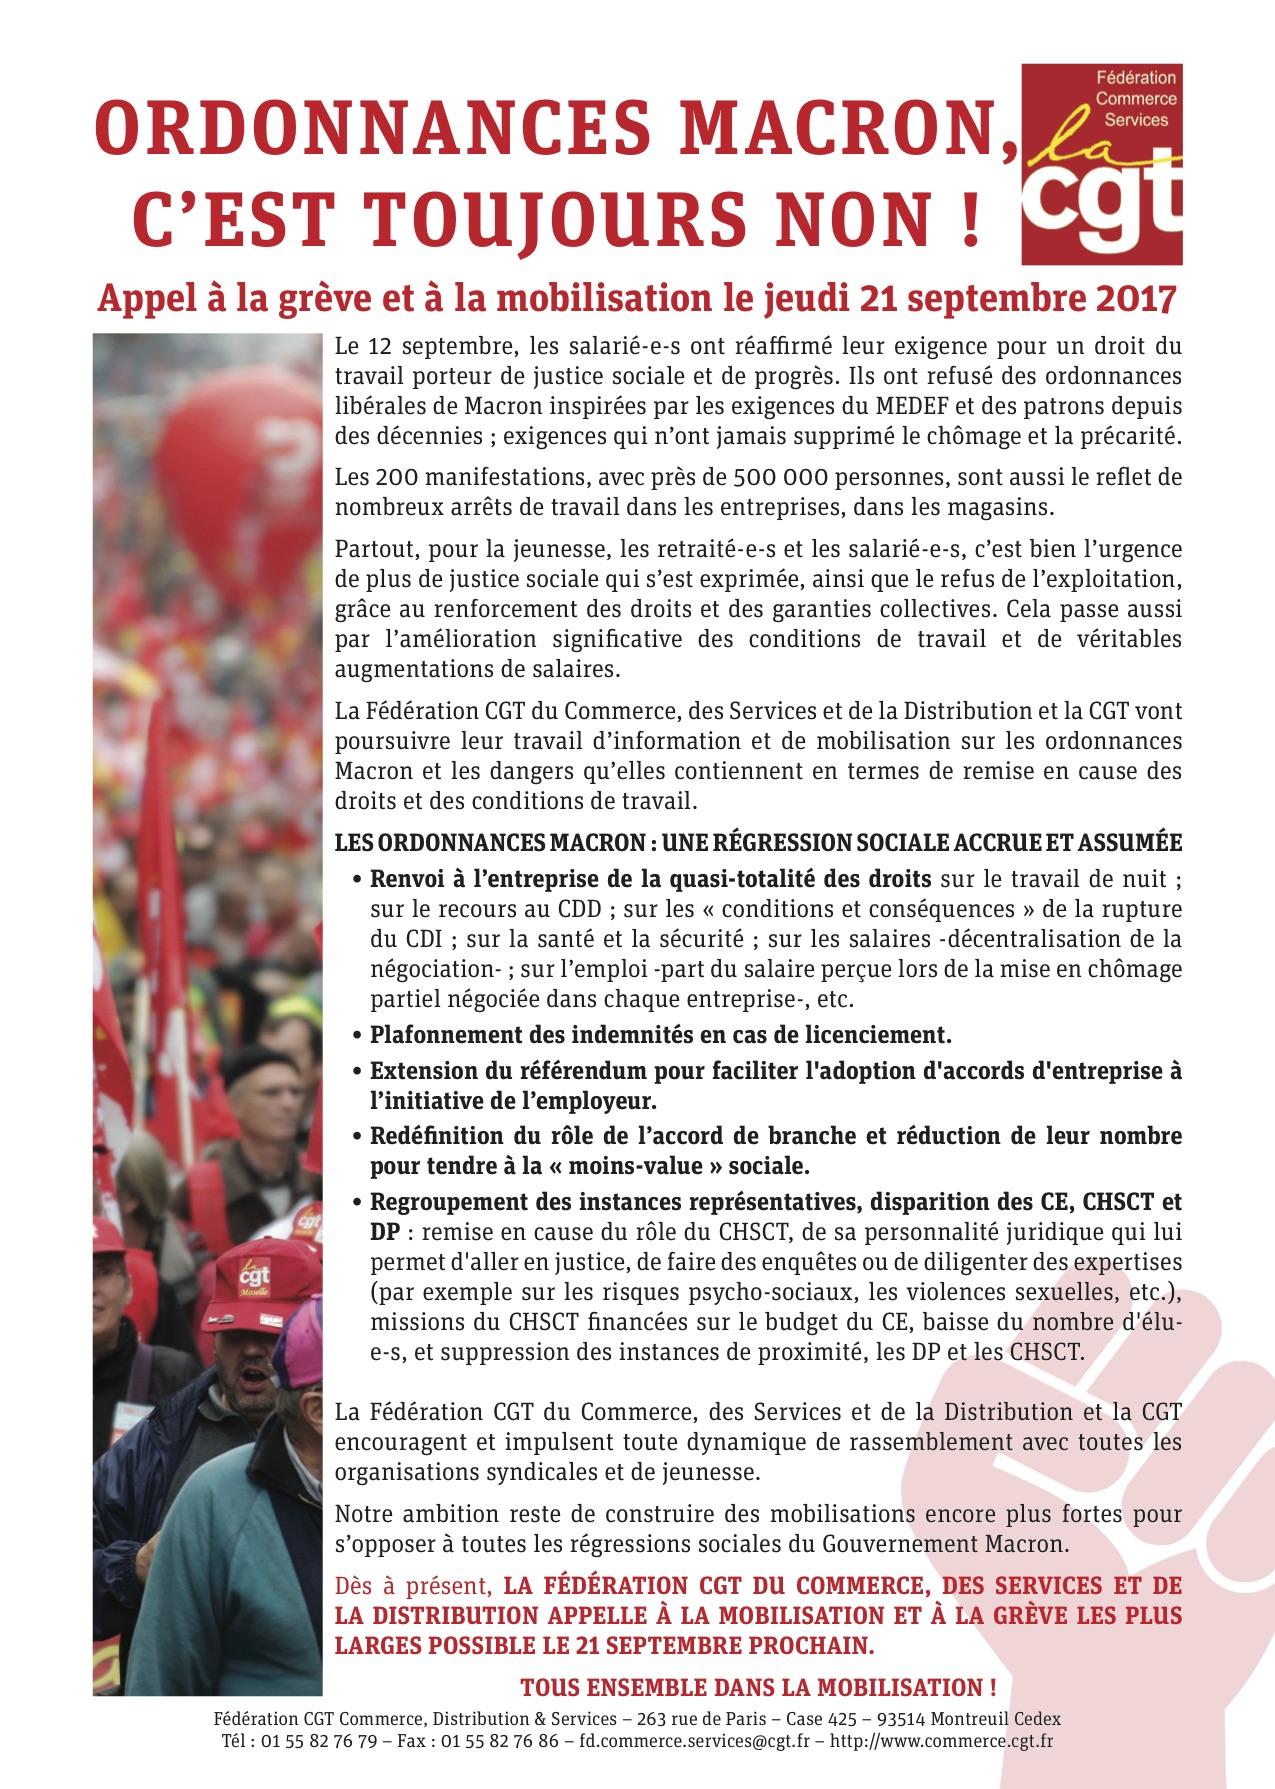 Appel grève et mobilisation 21 septembre.jpg